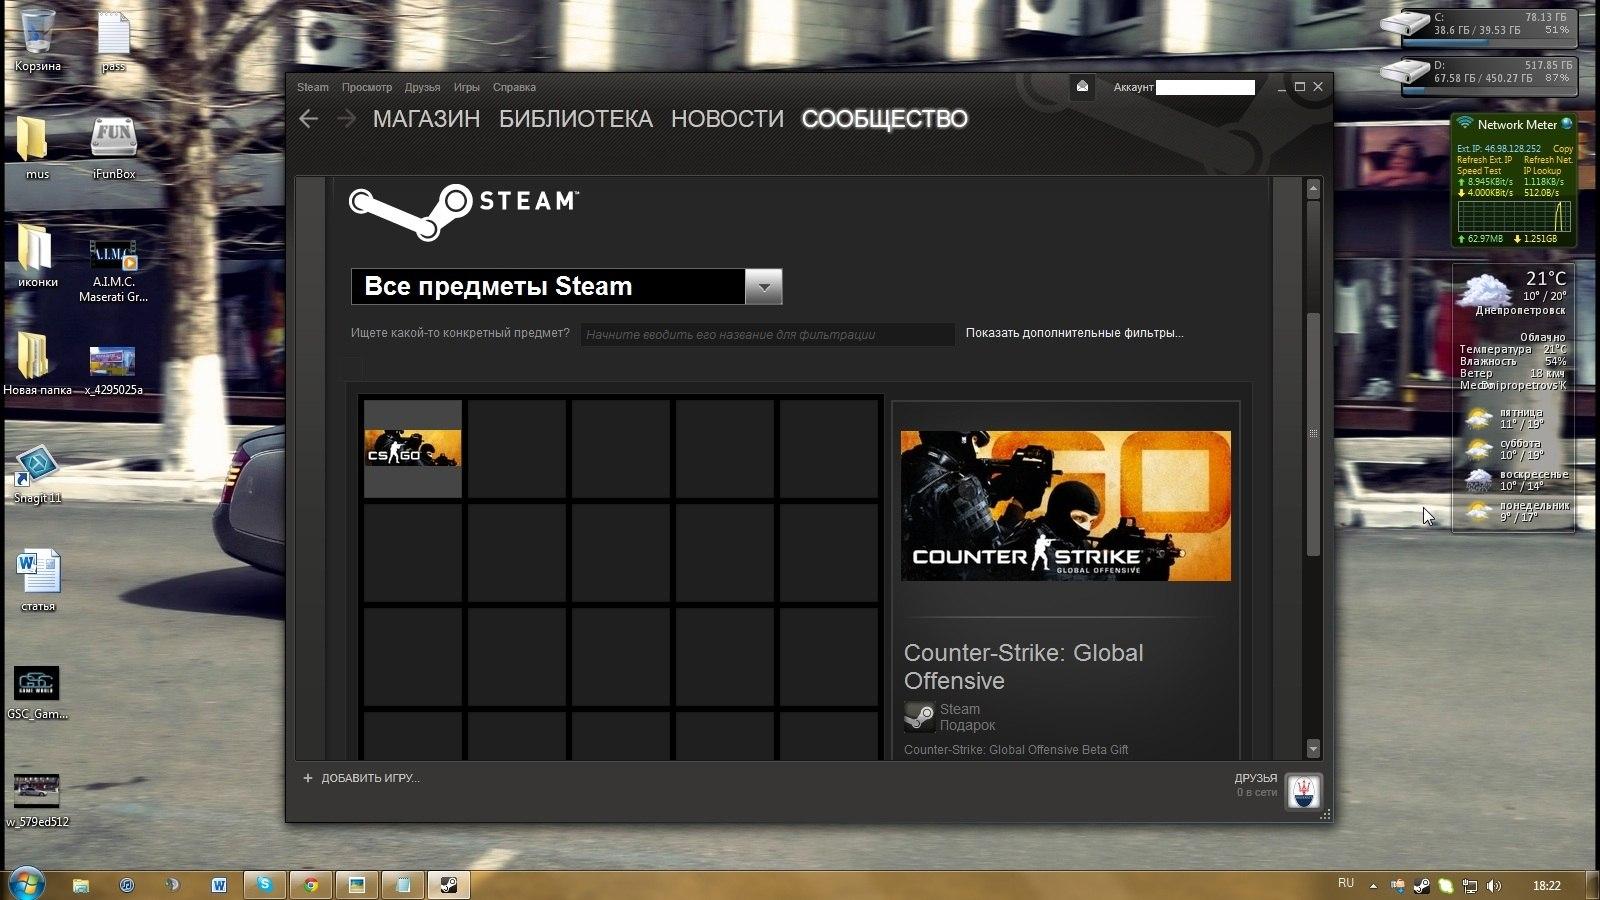 Как купить cs go в steam видео cs go jackpot oynama